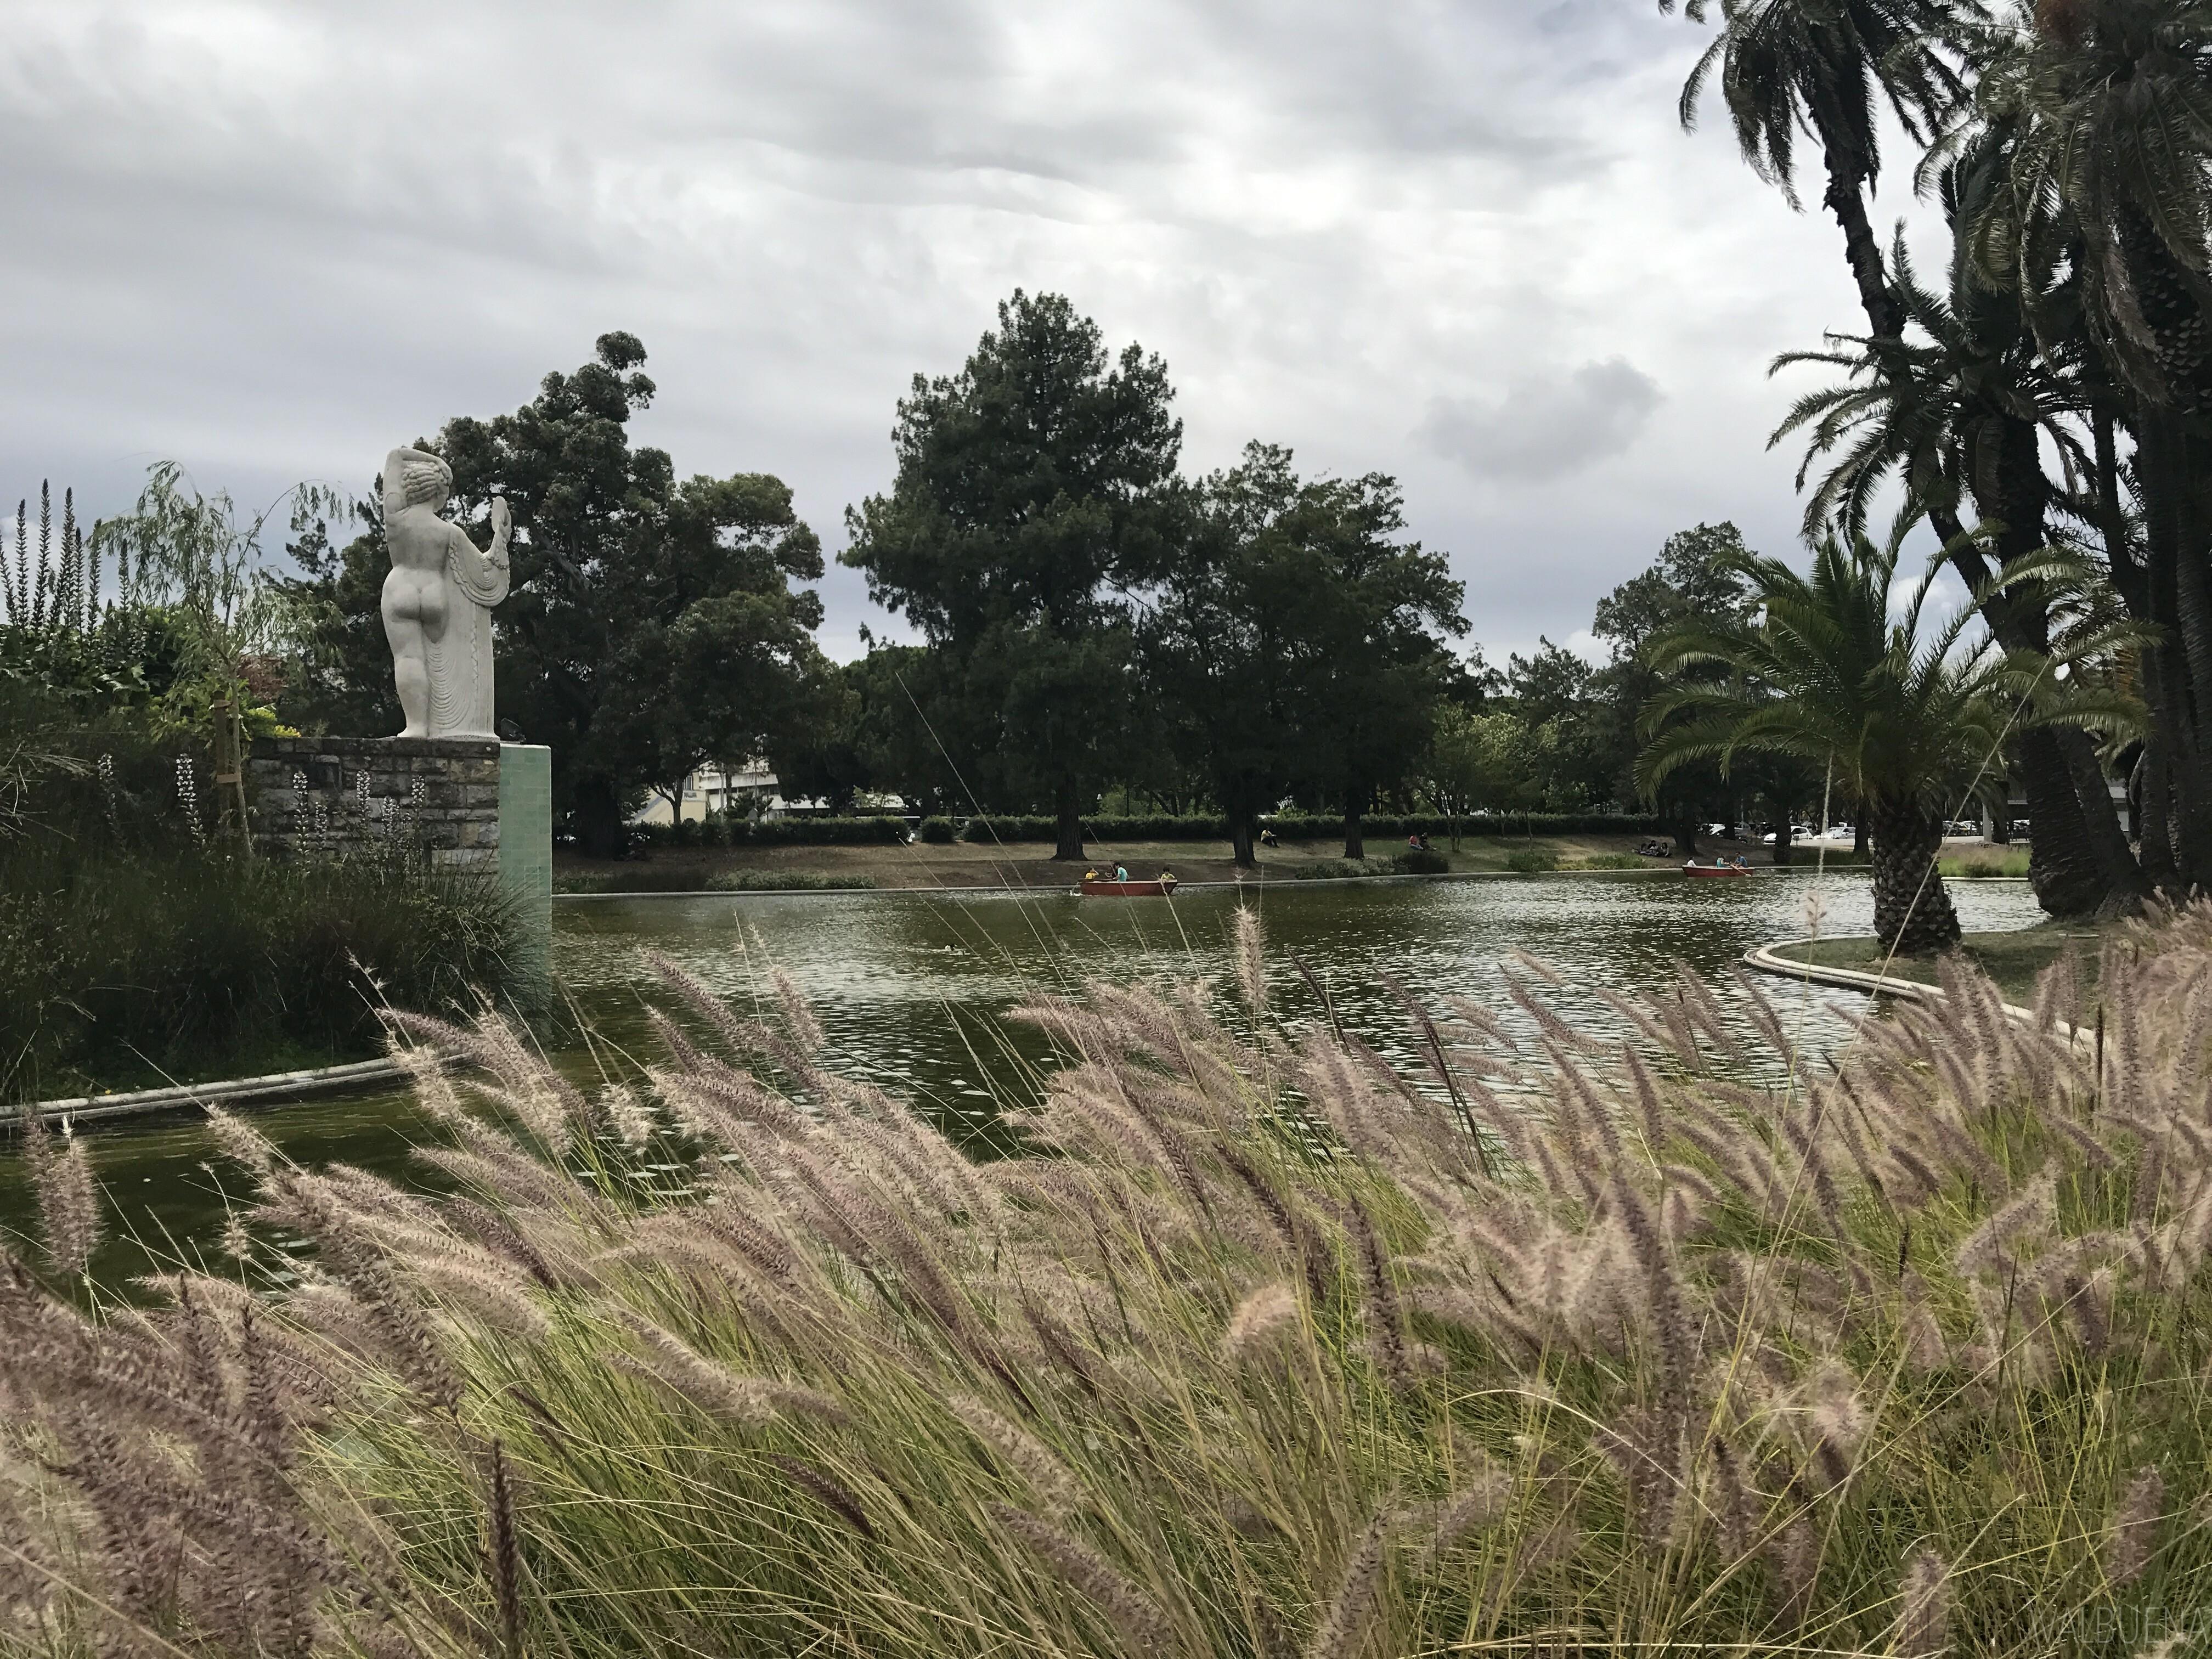 Campo parc grande est un endroit idéal pour les familles à Lisbonne